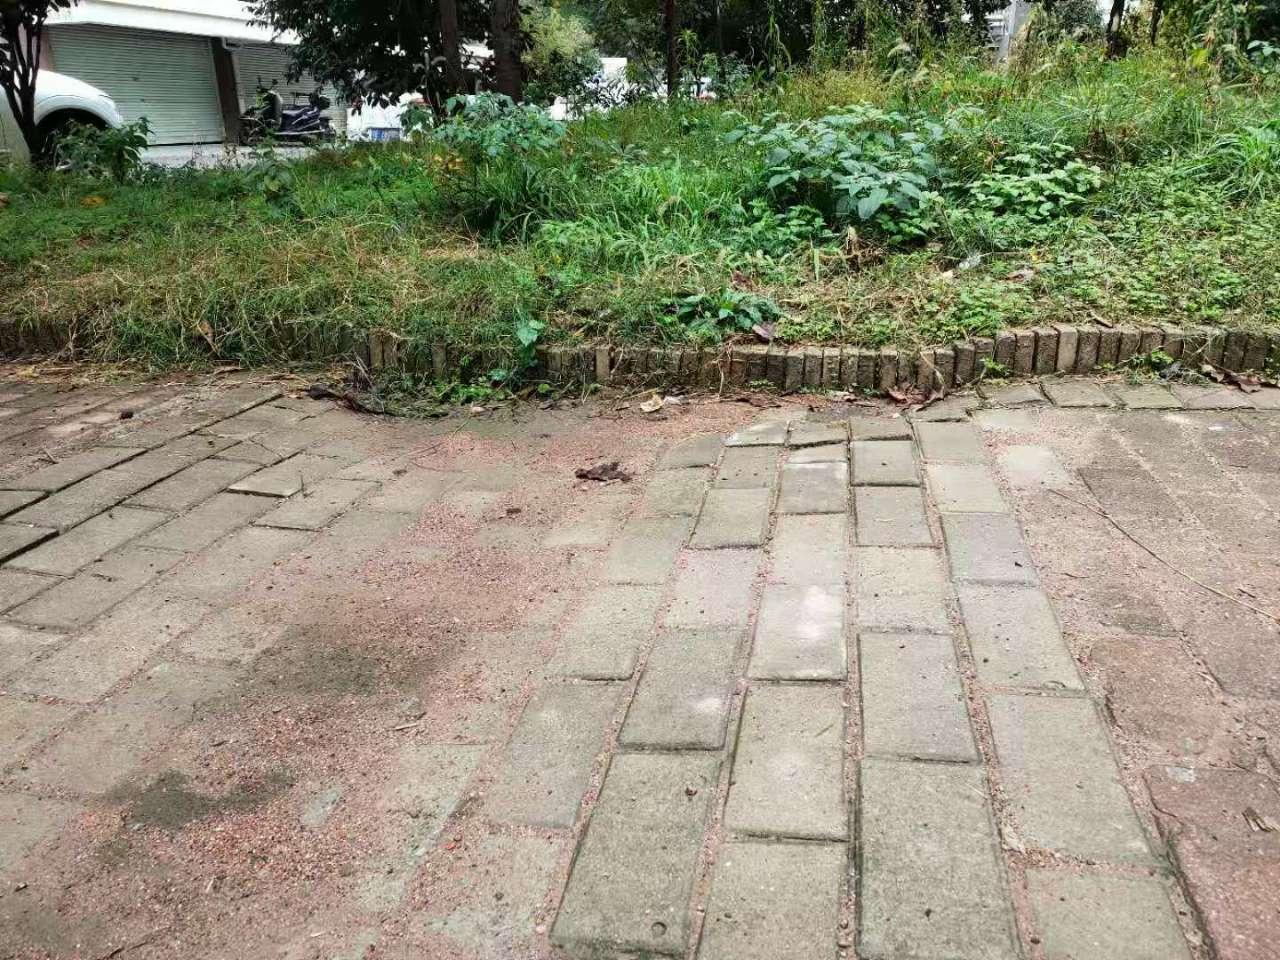 【顺达小区污水管道改造和地面凹陷问题】